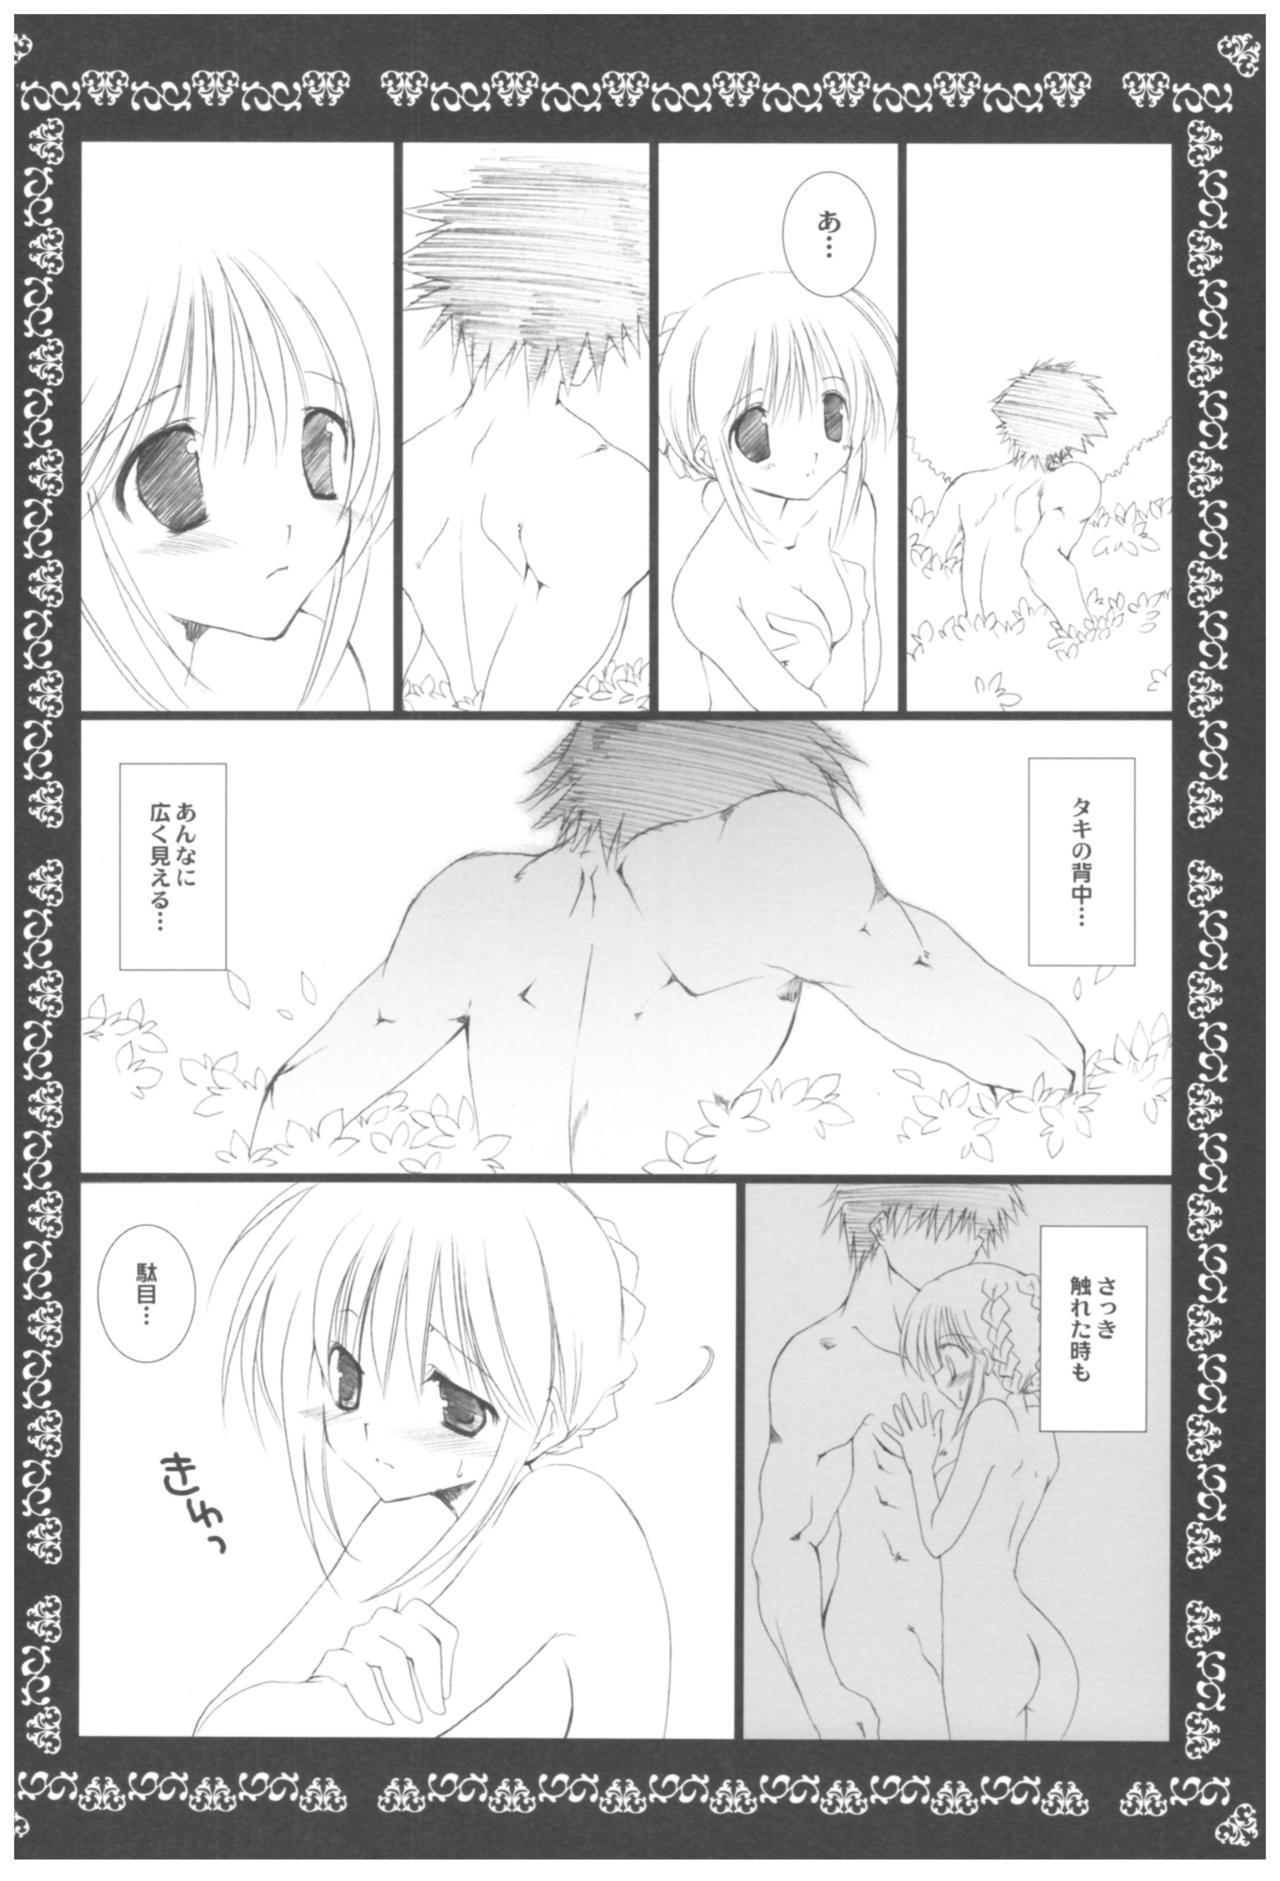 Naedoko Ikusei Kansatsu Kiroku 55